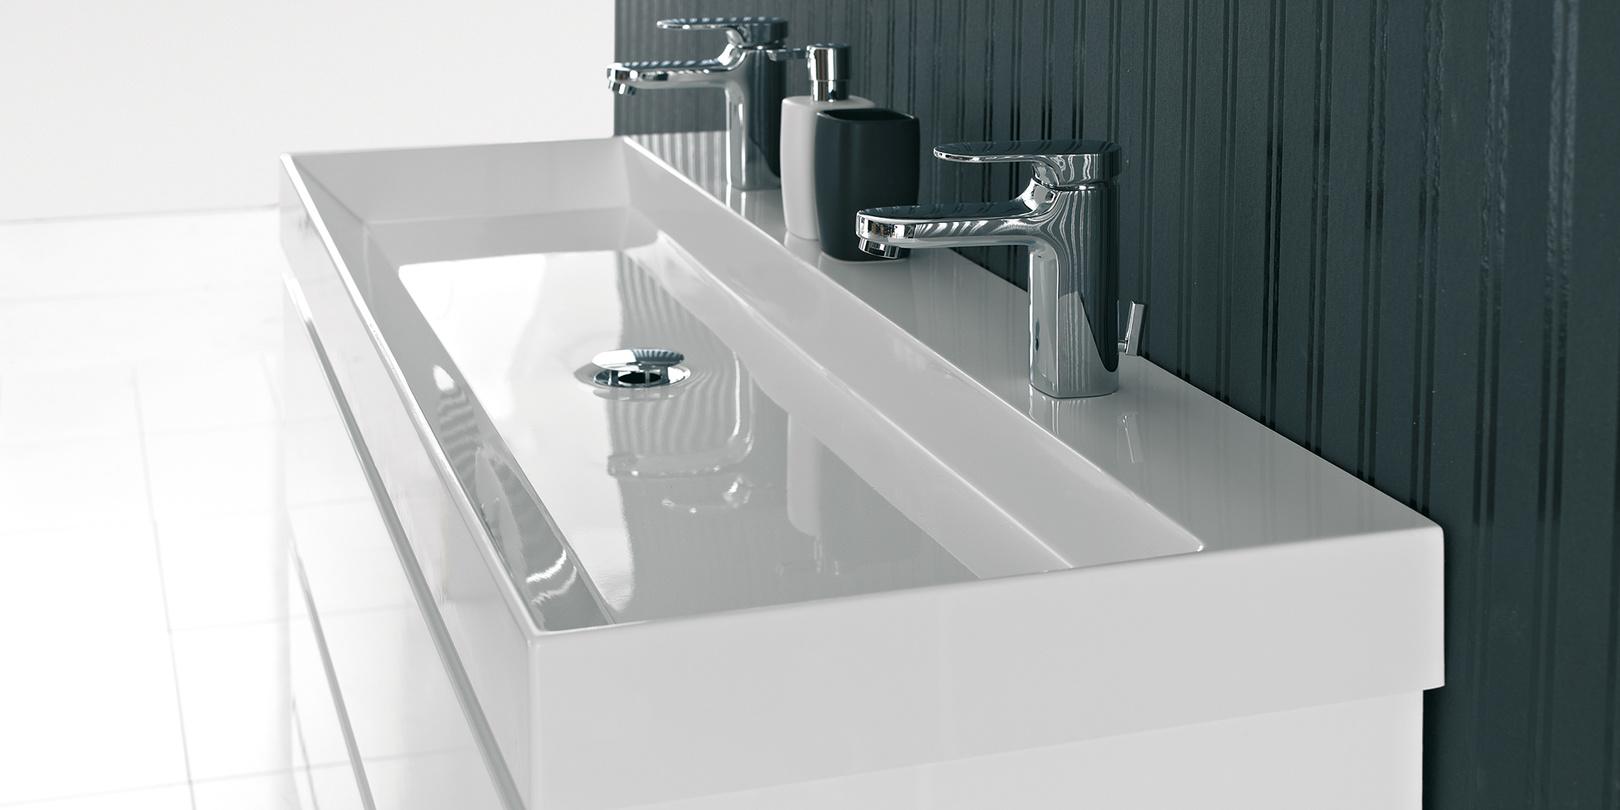 Badkamerkast onder wastafel - Badkamer met wastafel ...